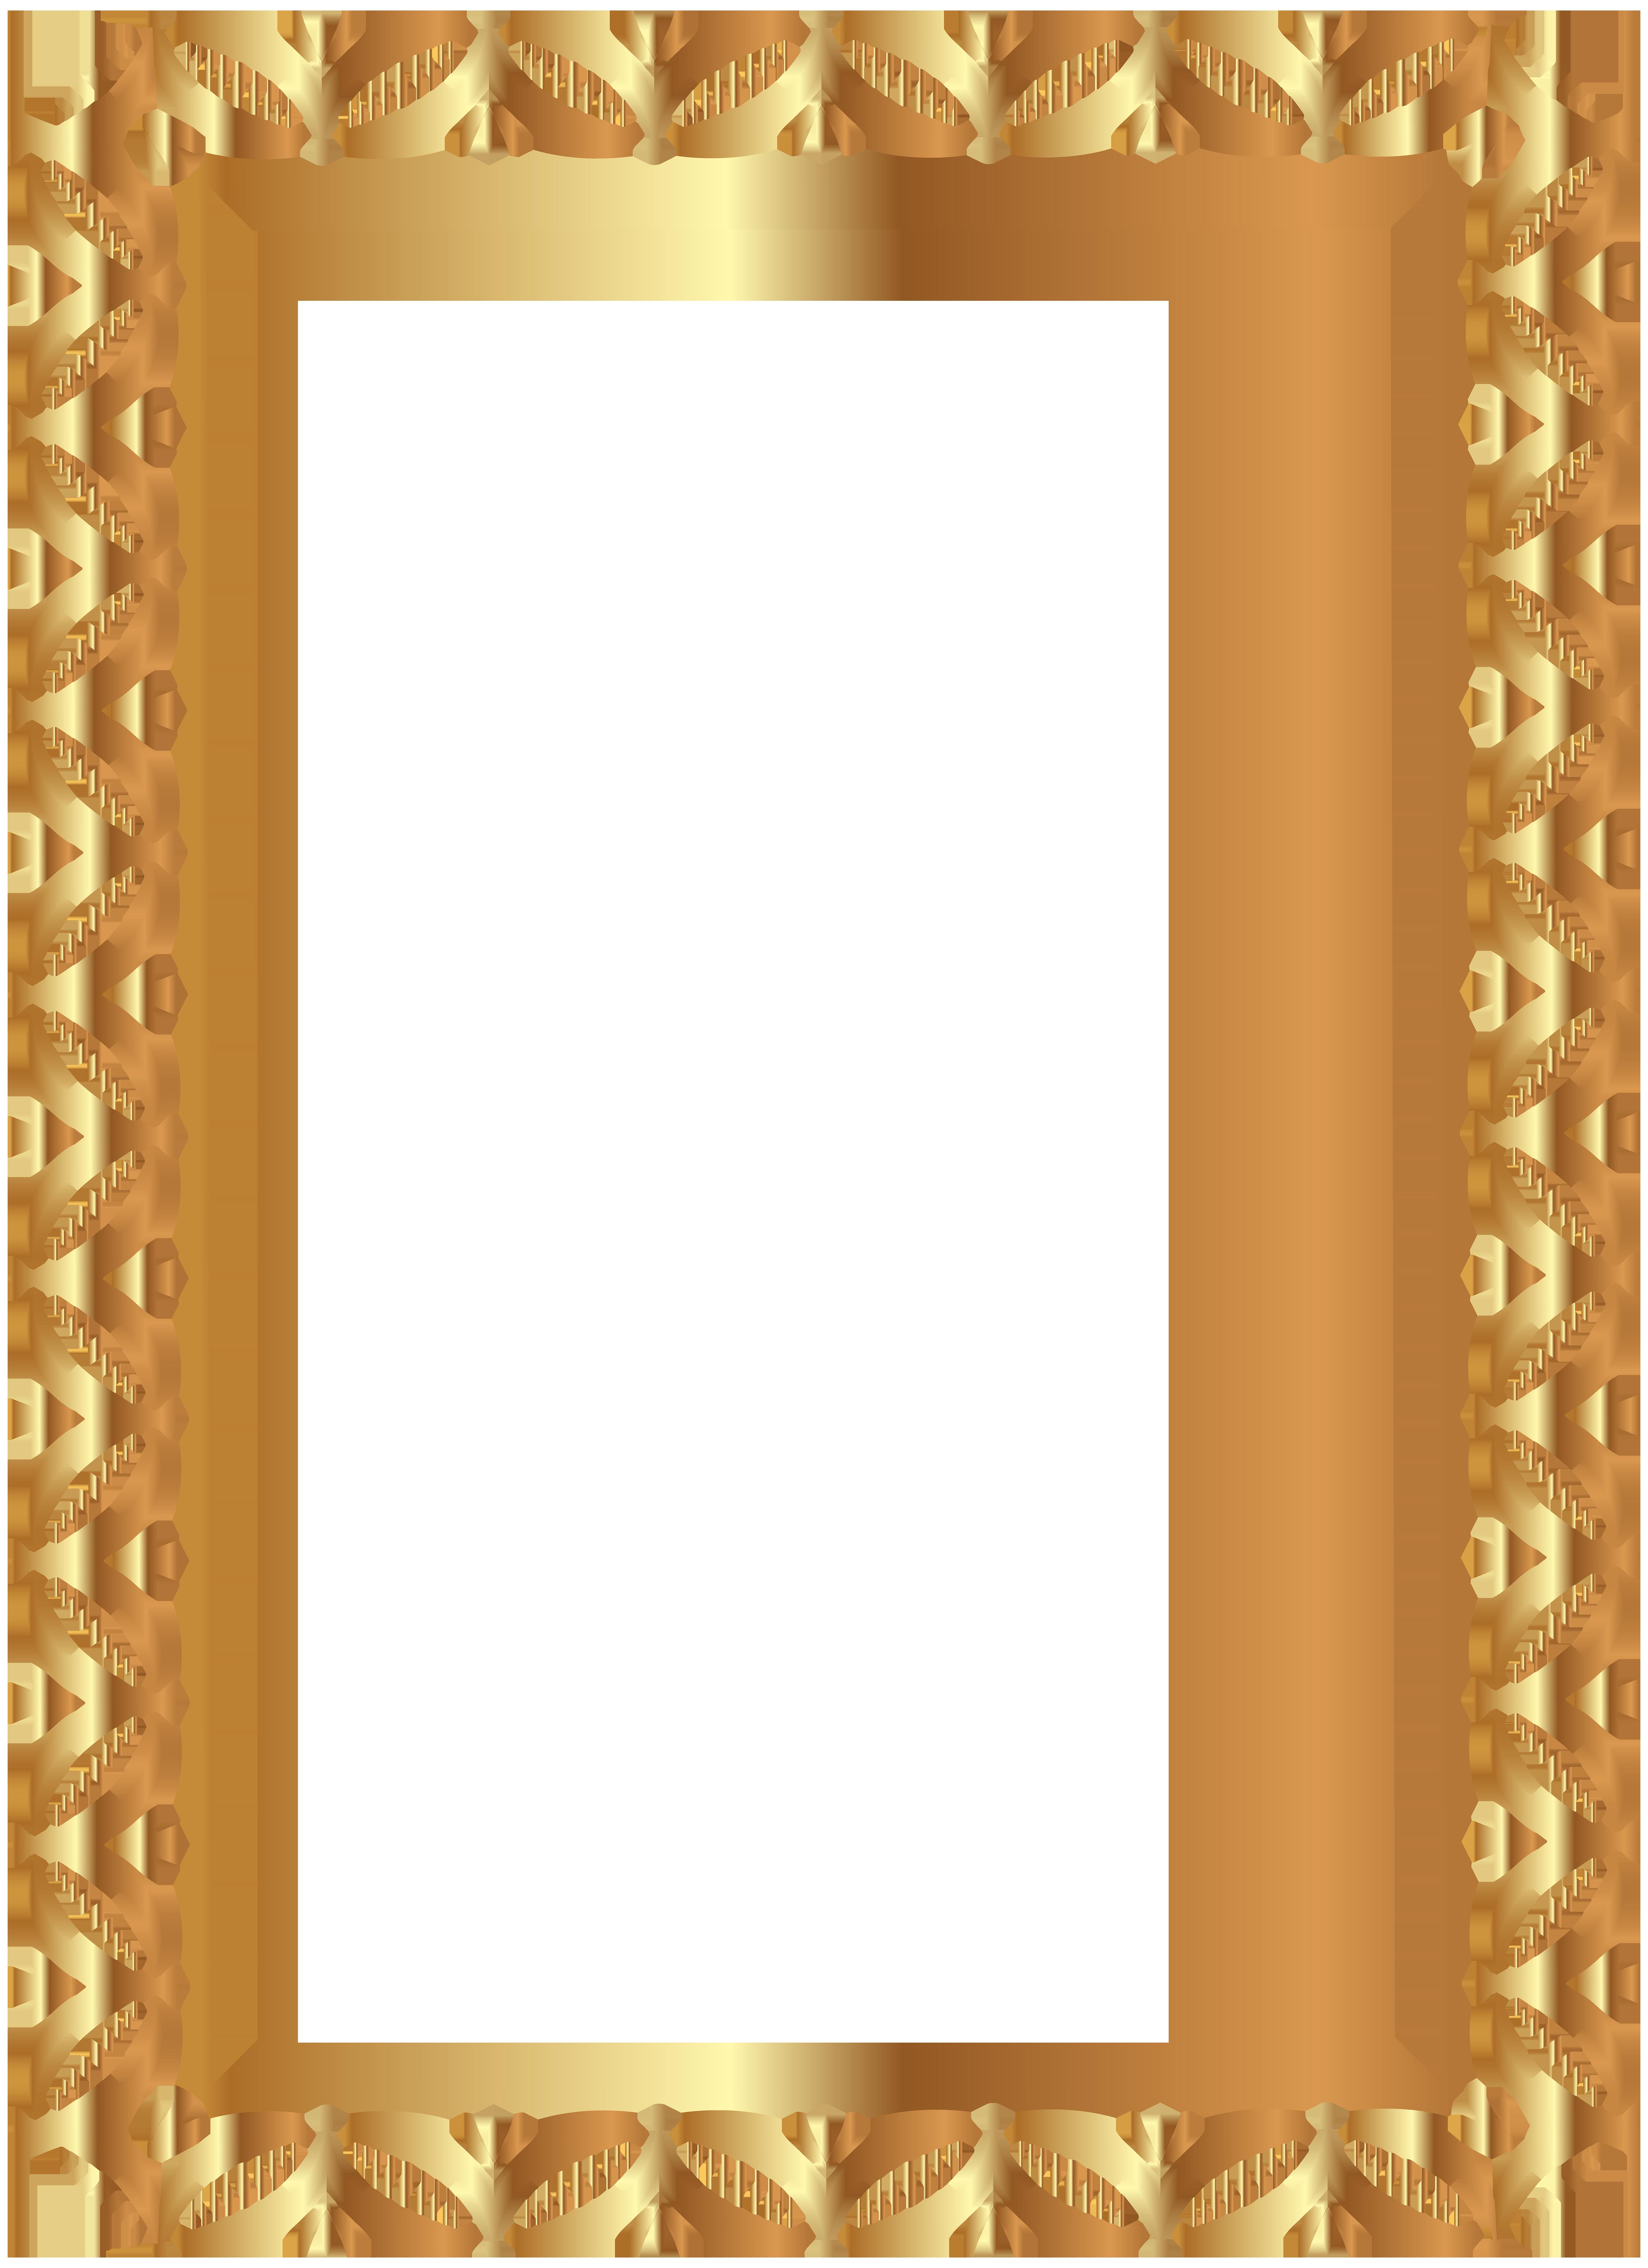 5814x8000 Gold Border Frame Transparent Png Clip Art Image 58148000